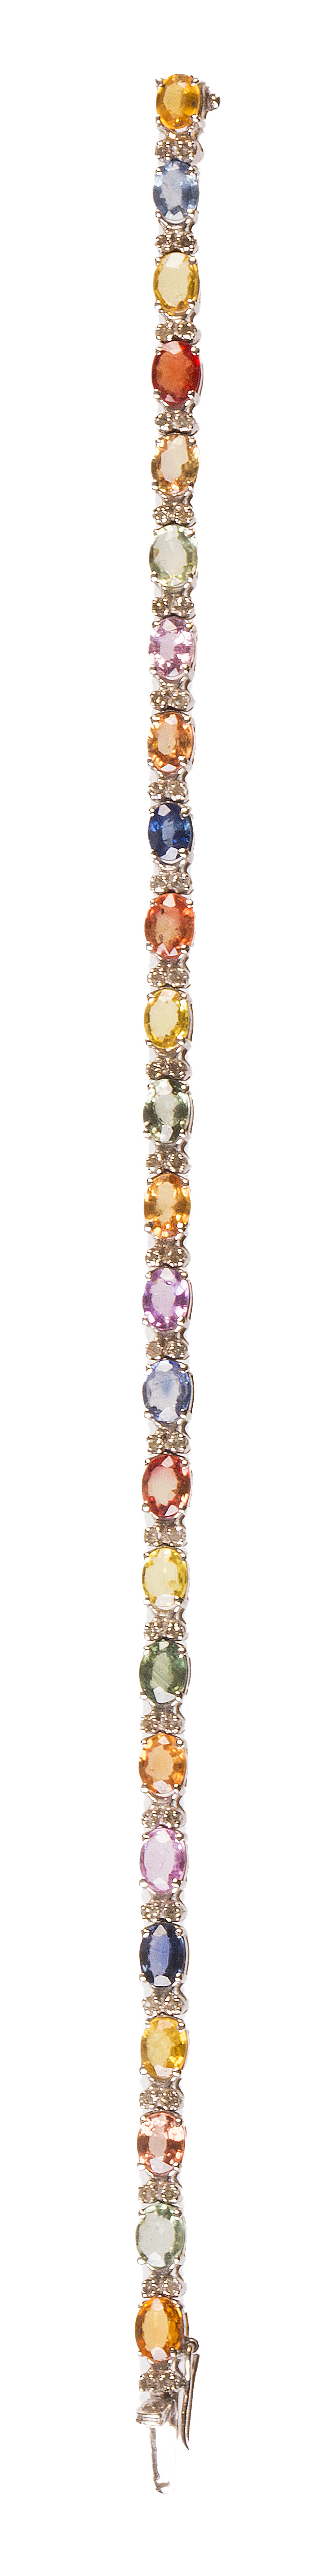 Pulsera de zafiros multicolor alternos con parejas de brill